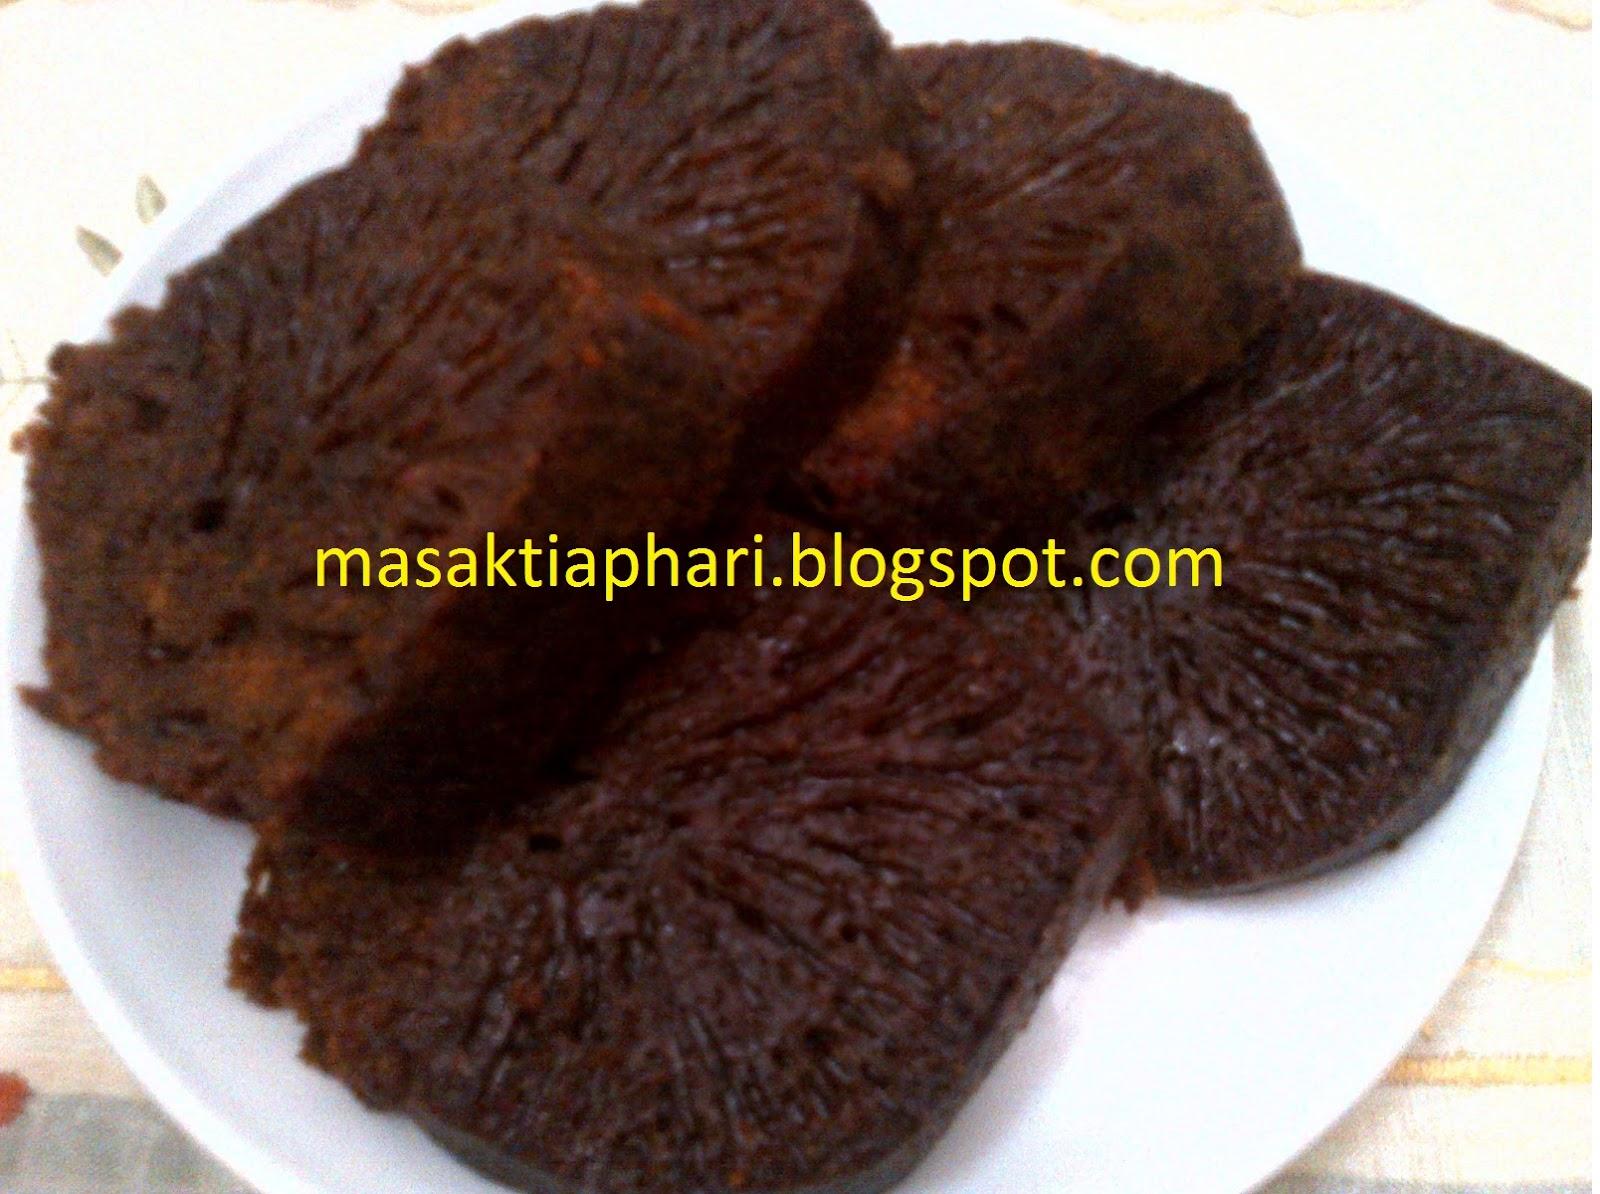 Resep Bolu Karamel Kukus Lembut Empuk dan Mudah | Kumpulan Resep ...